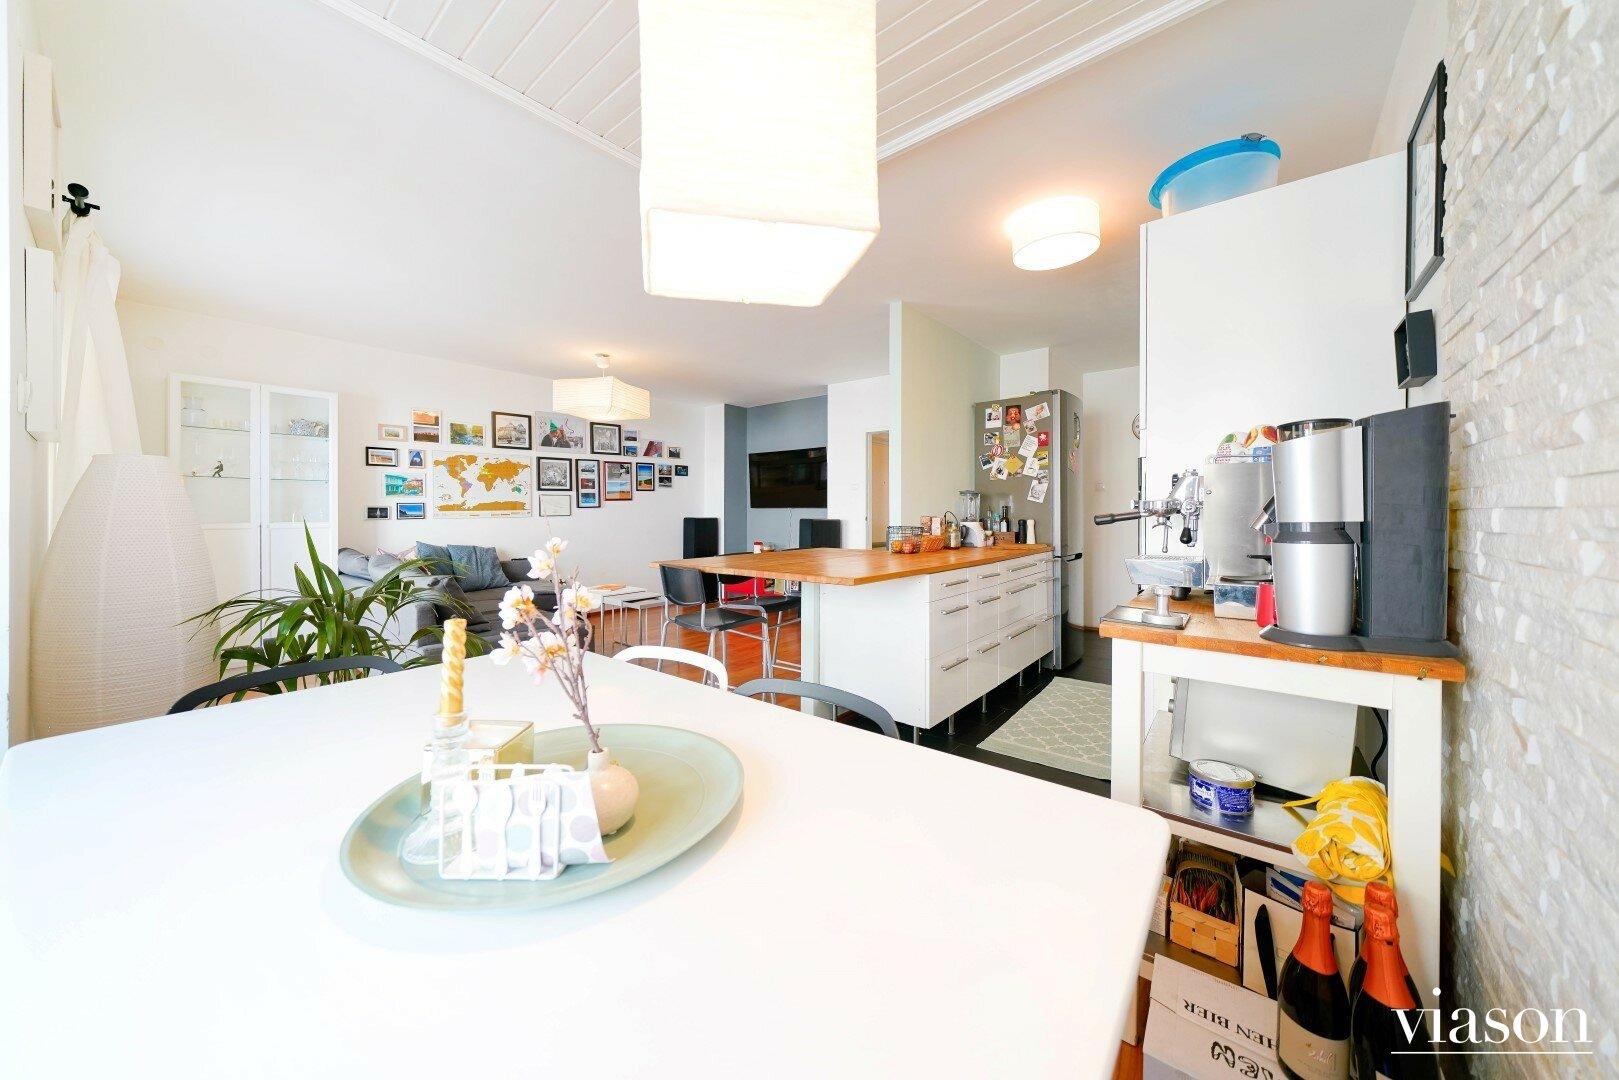 Küchen - Wohnzimmerbereich